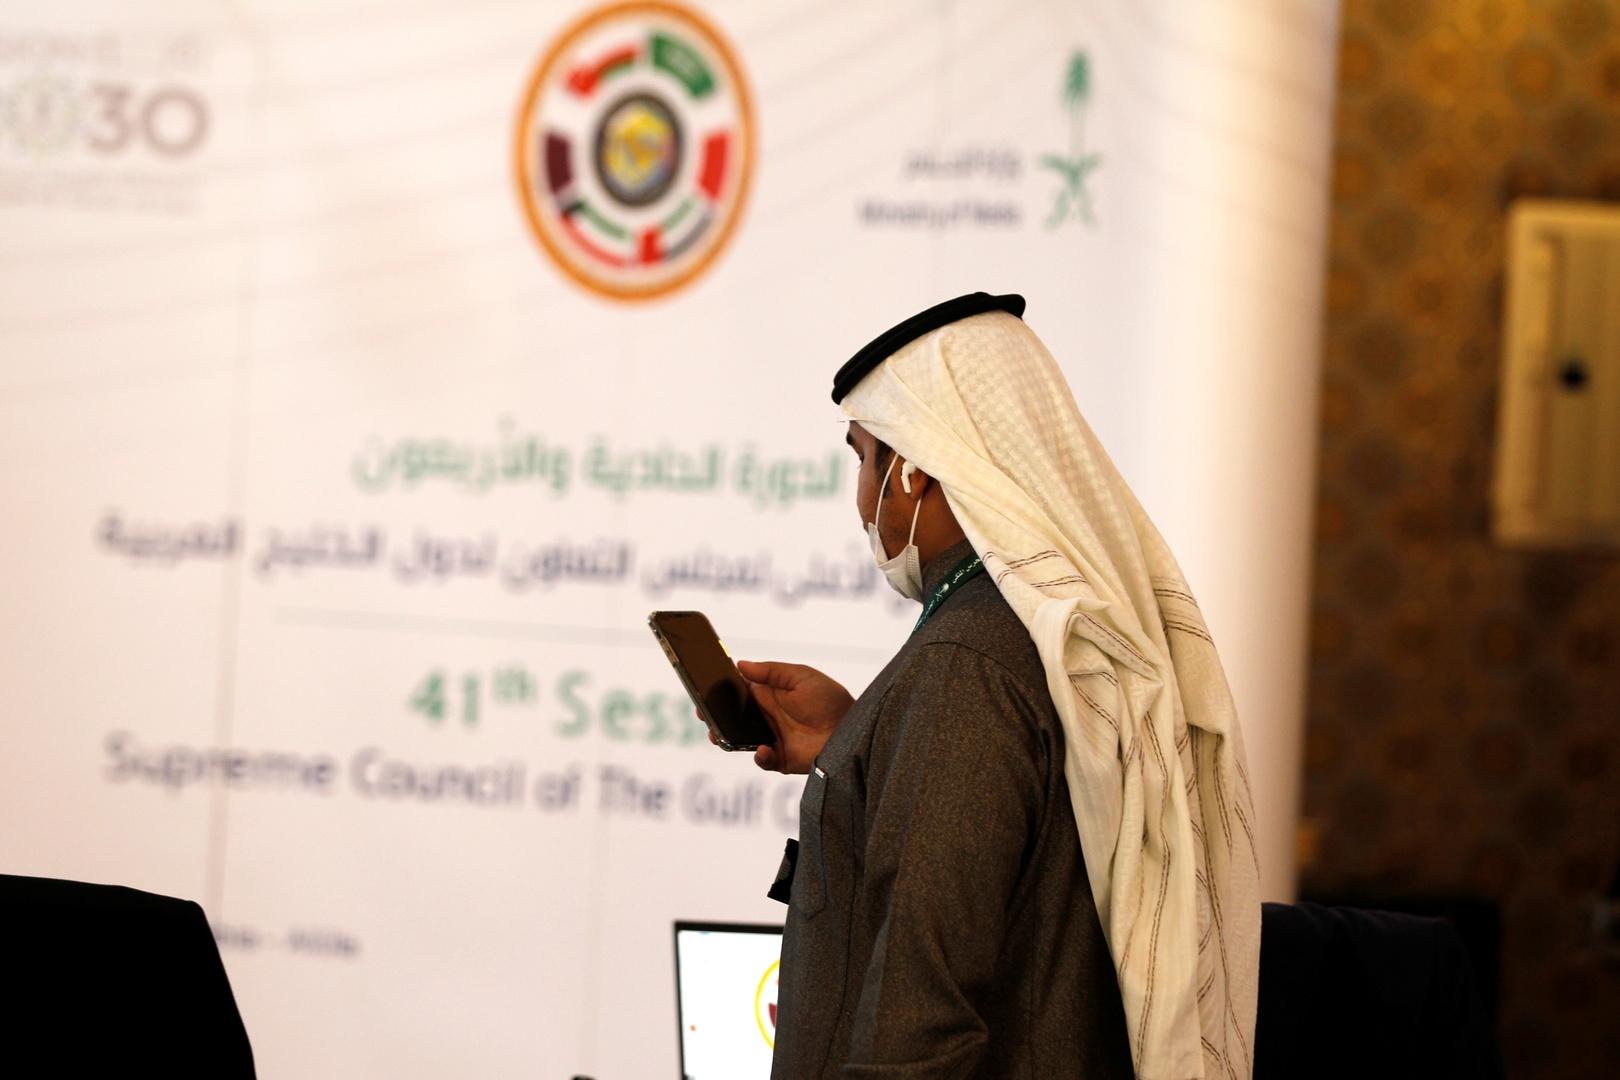 الاتحاد العالمي لعلماء المسلمين يهنئ دول الخليج على المصالحة